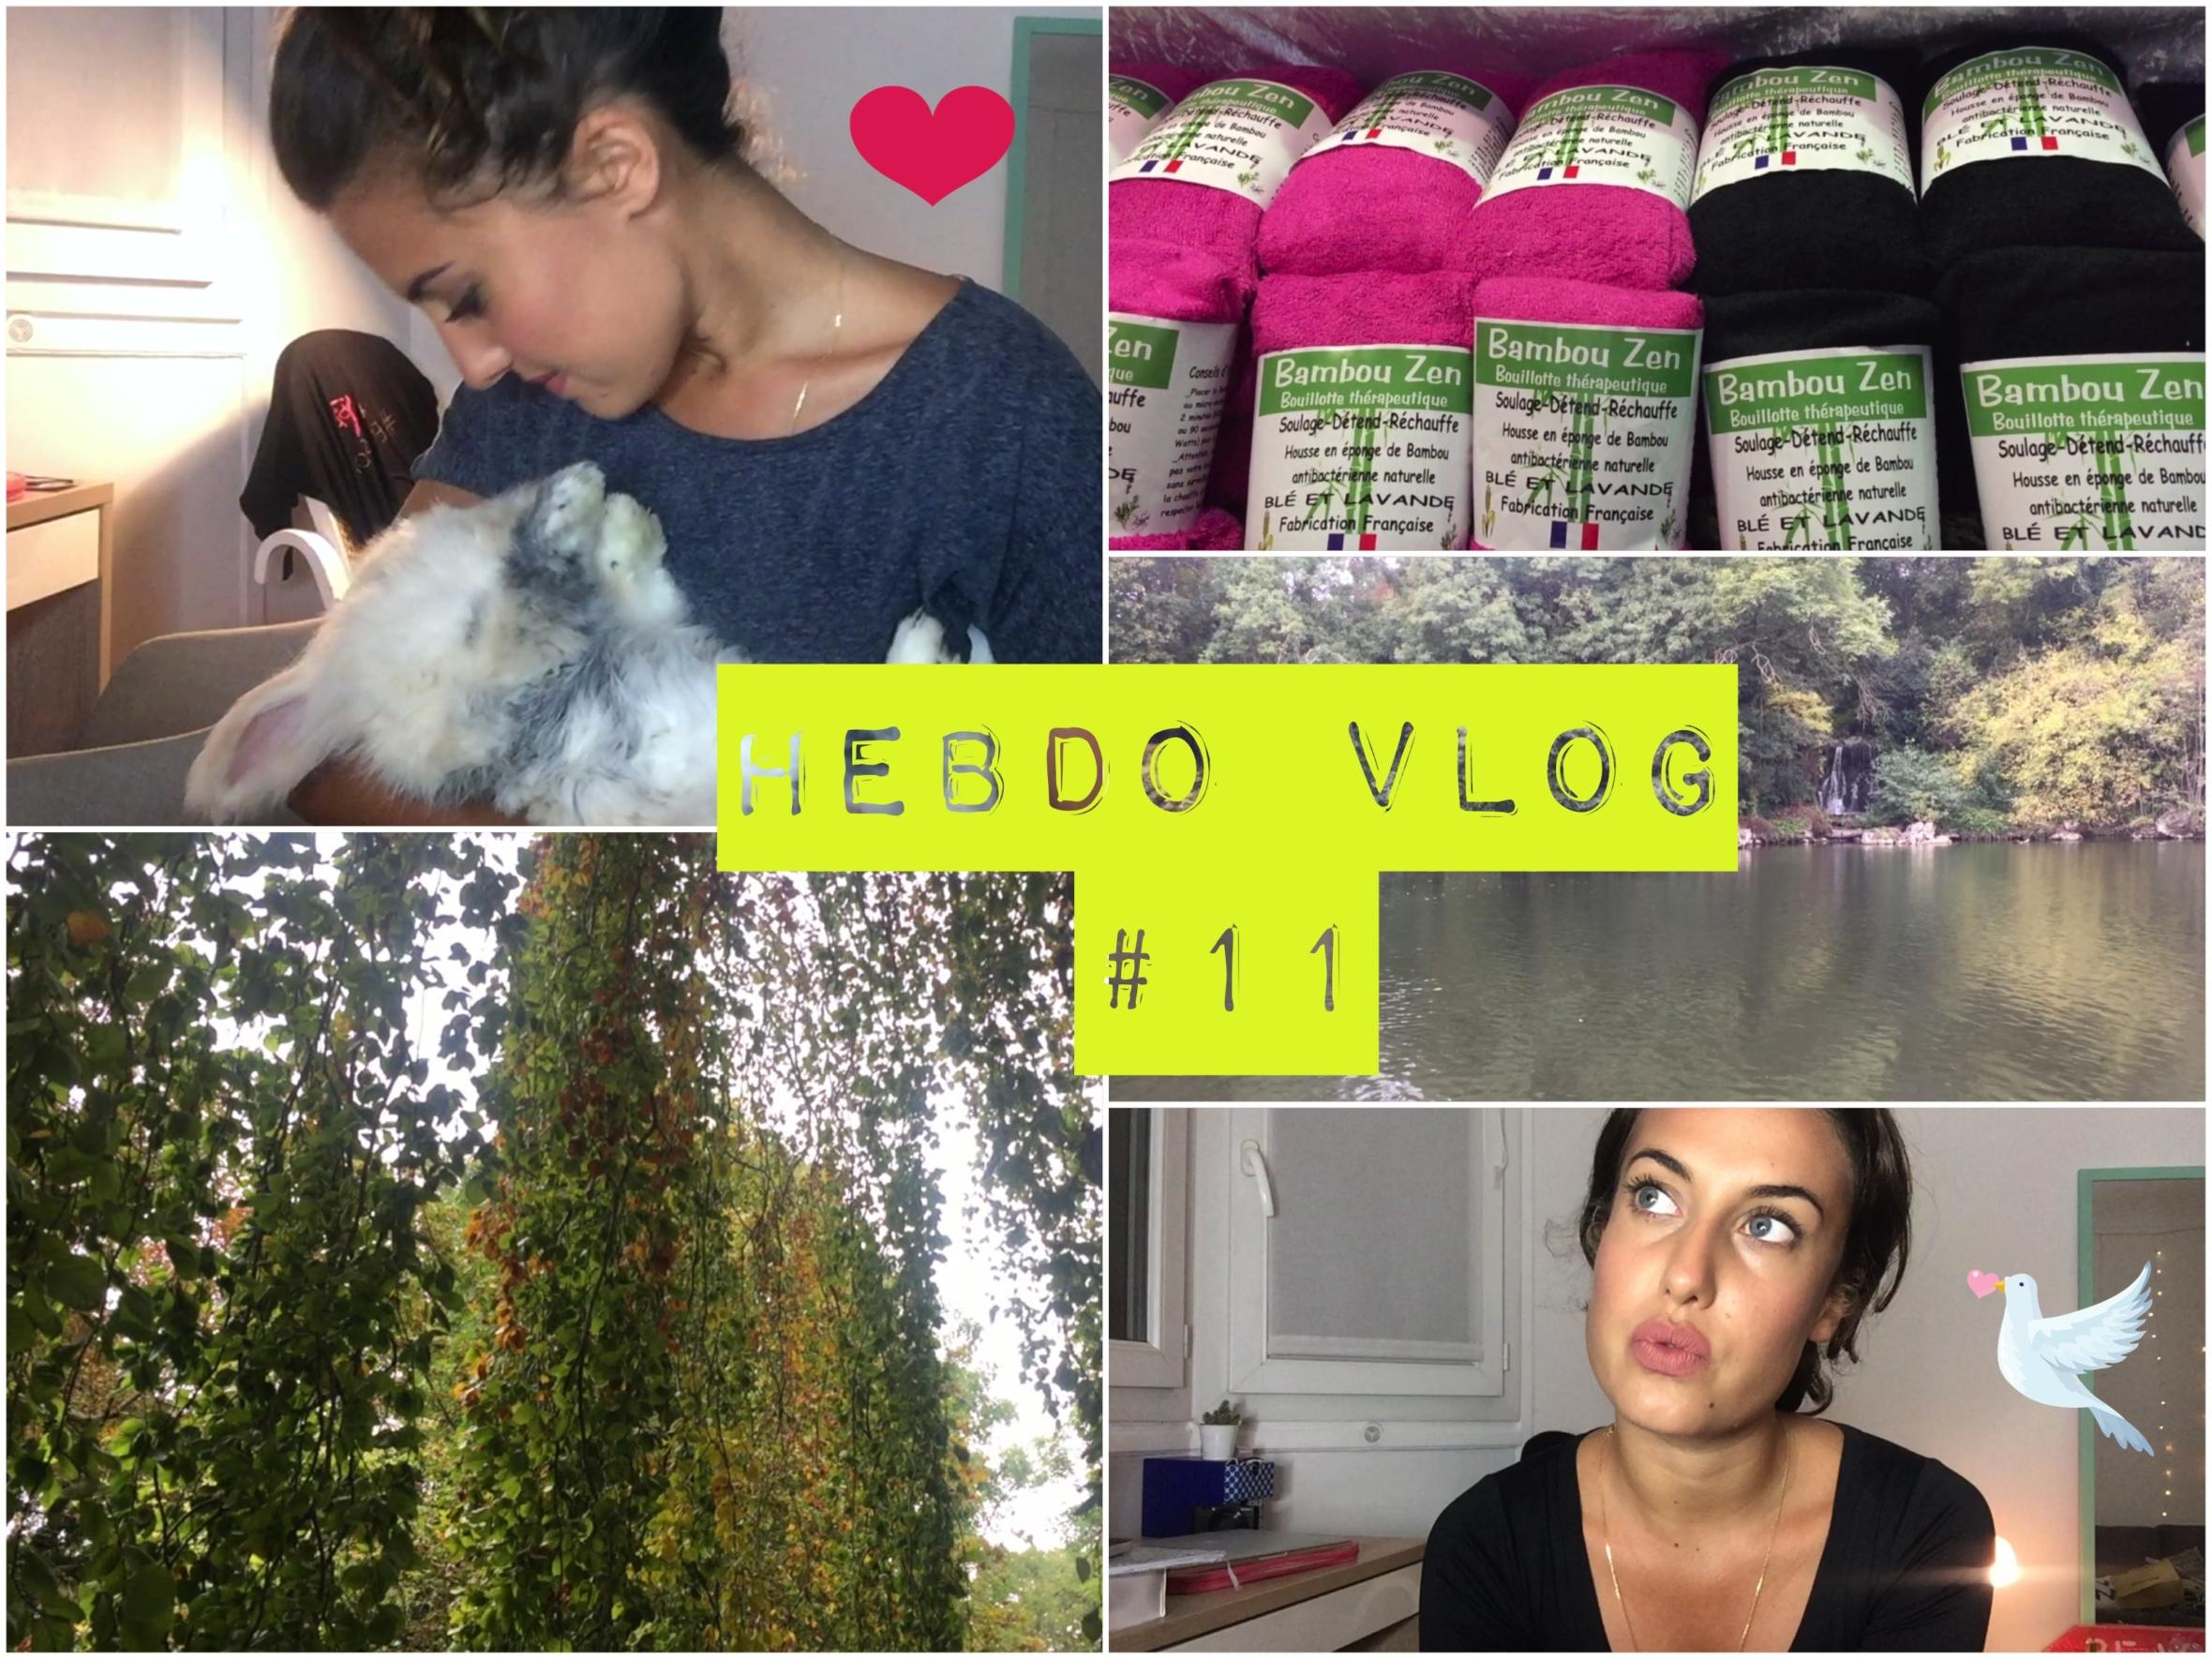 hebdo-blog